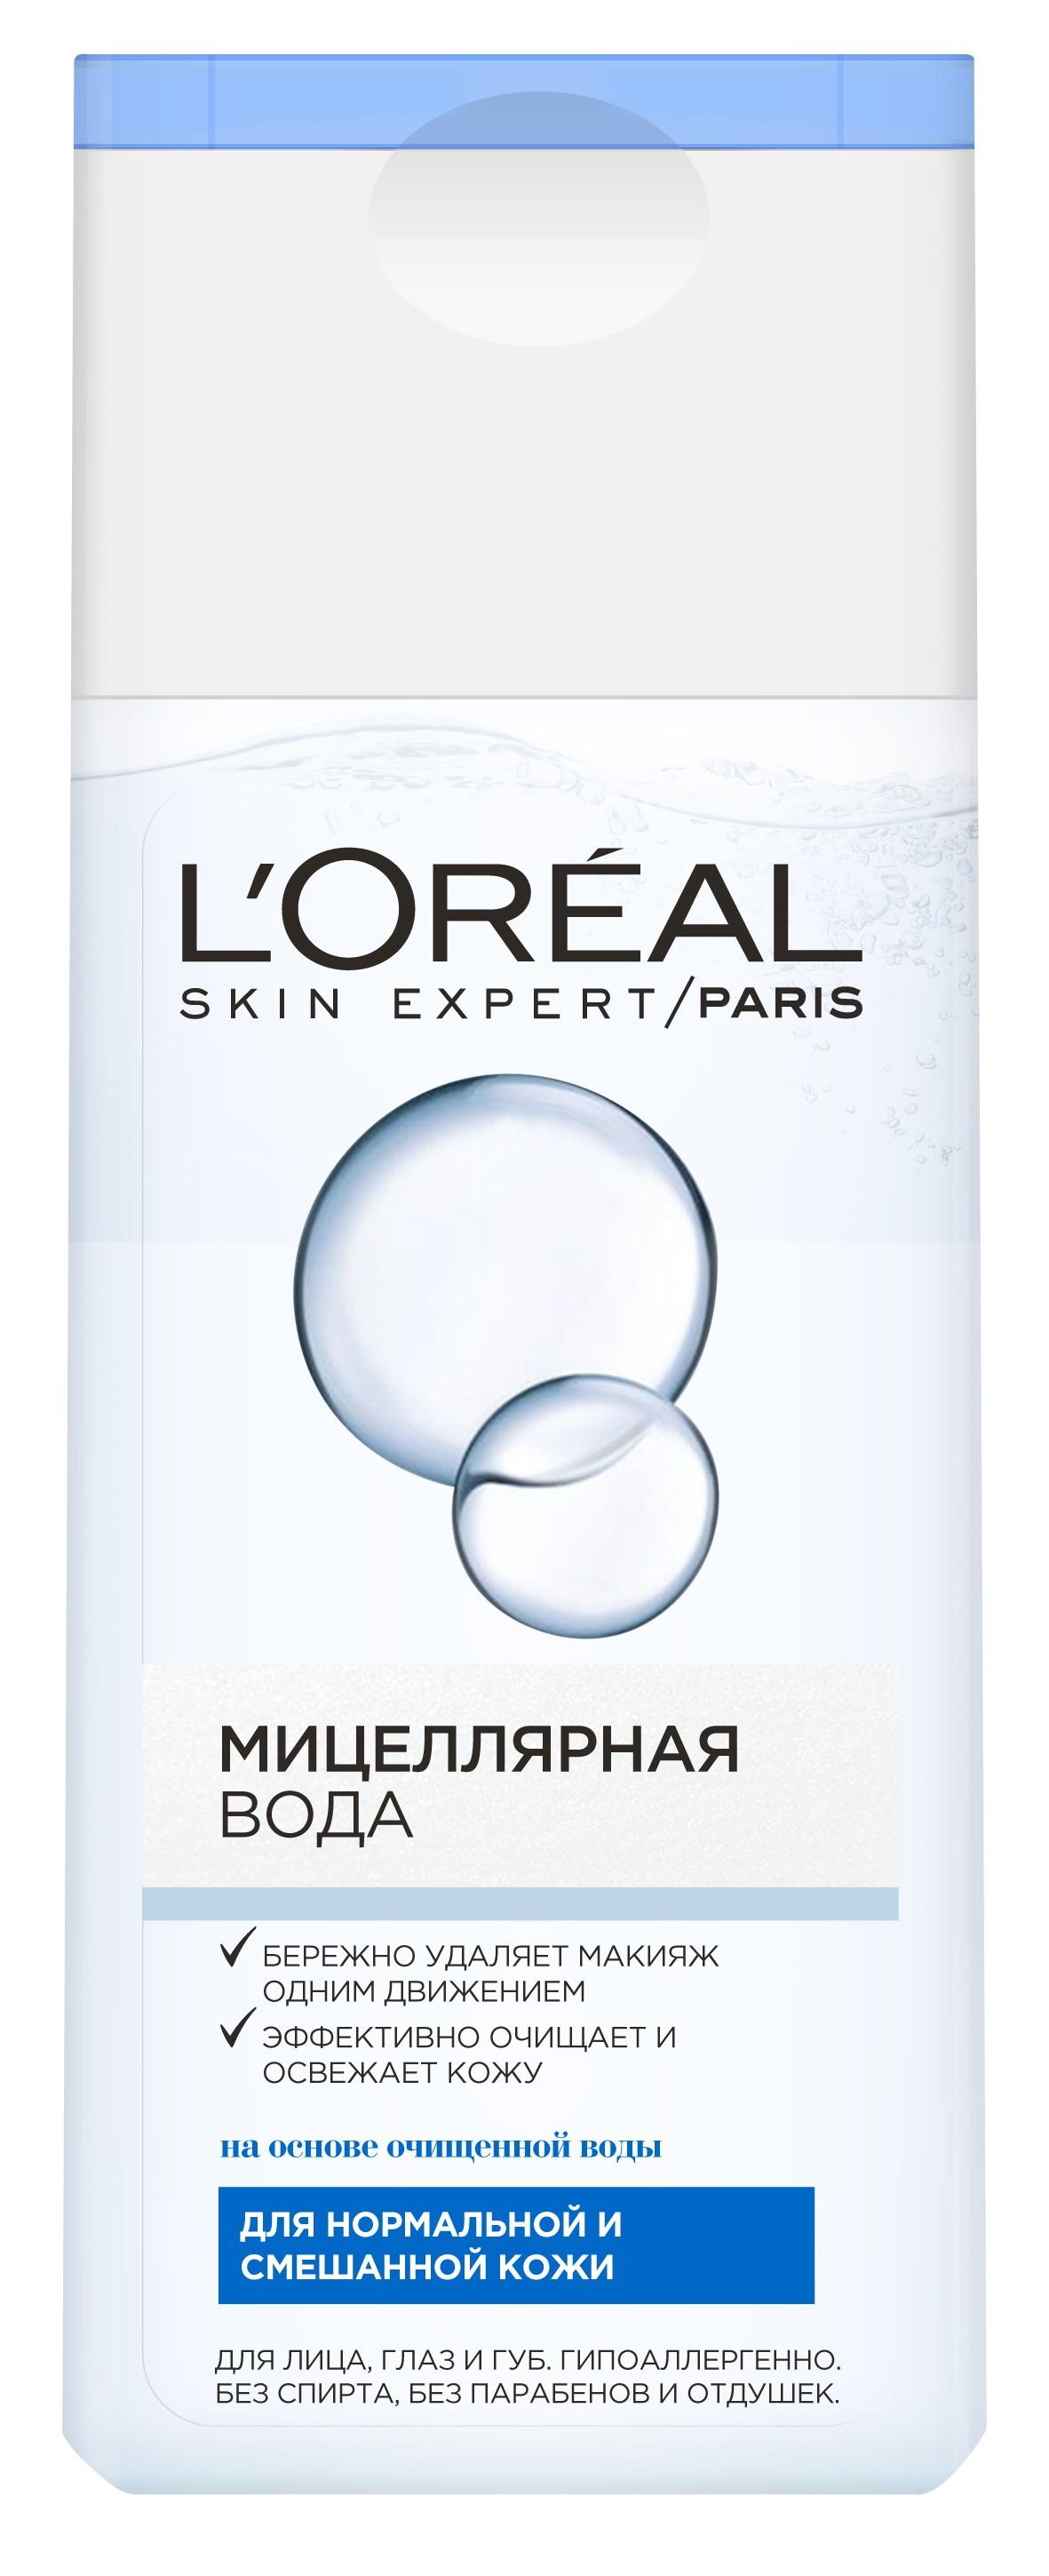 LOreal Paris Мицеллярная вода для снятия макияжа, для нормальной и смешанной кожи, гипоаллергенно, 200 млA8110300Мицеллярная вода для лица от Лореаль Париж эффективно и бережно удаляет макияж, очищает кожу и загрязнения без трения благодаря мицеллам. Средство заметно улучшает и балансирует состояние кожи лица. Одним движением мицеллярная вода бережно очищает кожу лица, губ и деликатную область вокруг глаз. Гипоаллергенная формула без отдушек и спирта успокаивает ощущение раздражения кожи.Мицеллярная вода - это больше, чем просто мгновенное удаление макияжа и очищение. Формула, состоящая на 95% из очищенной воды, освежает и успокаивает кожу, преображая ее.